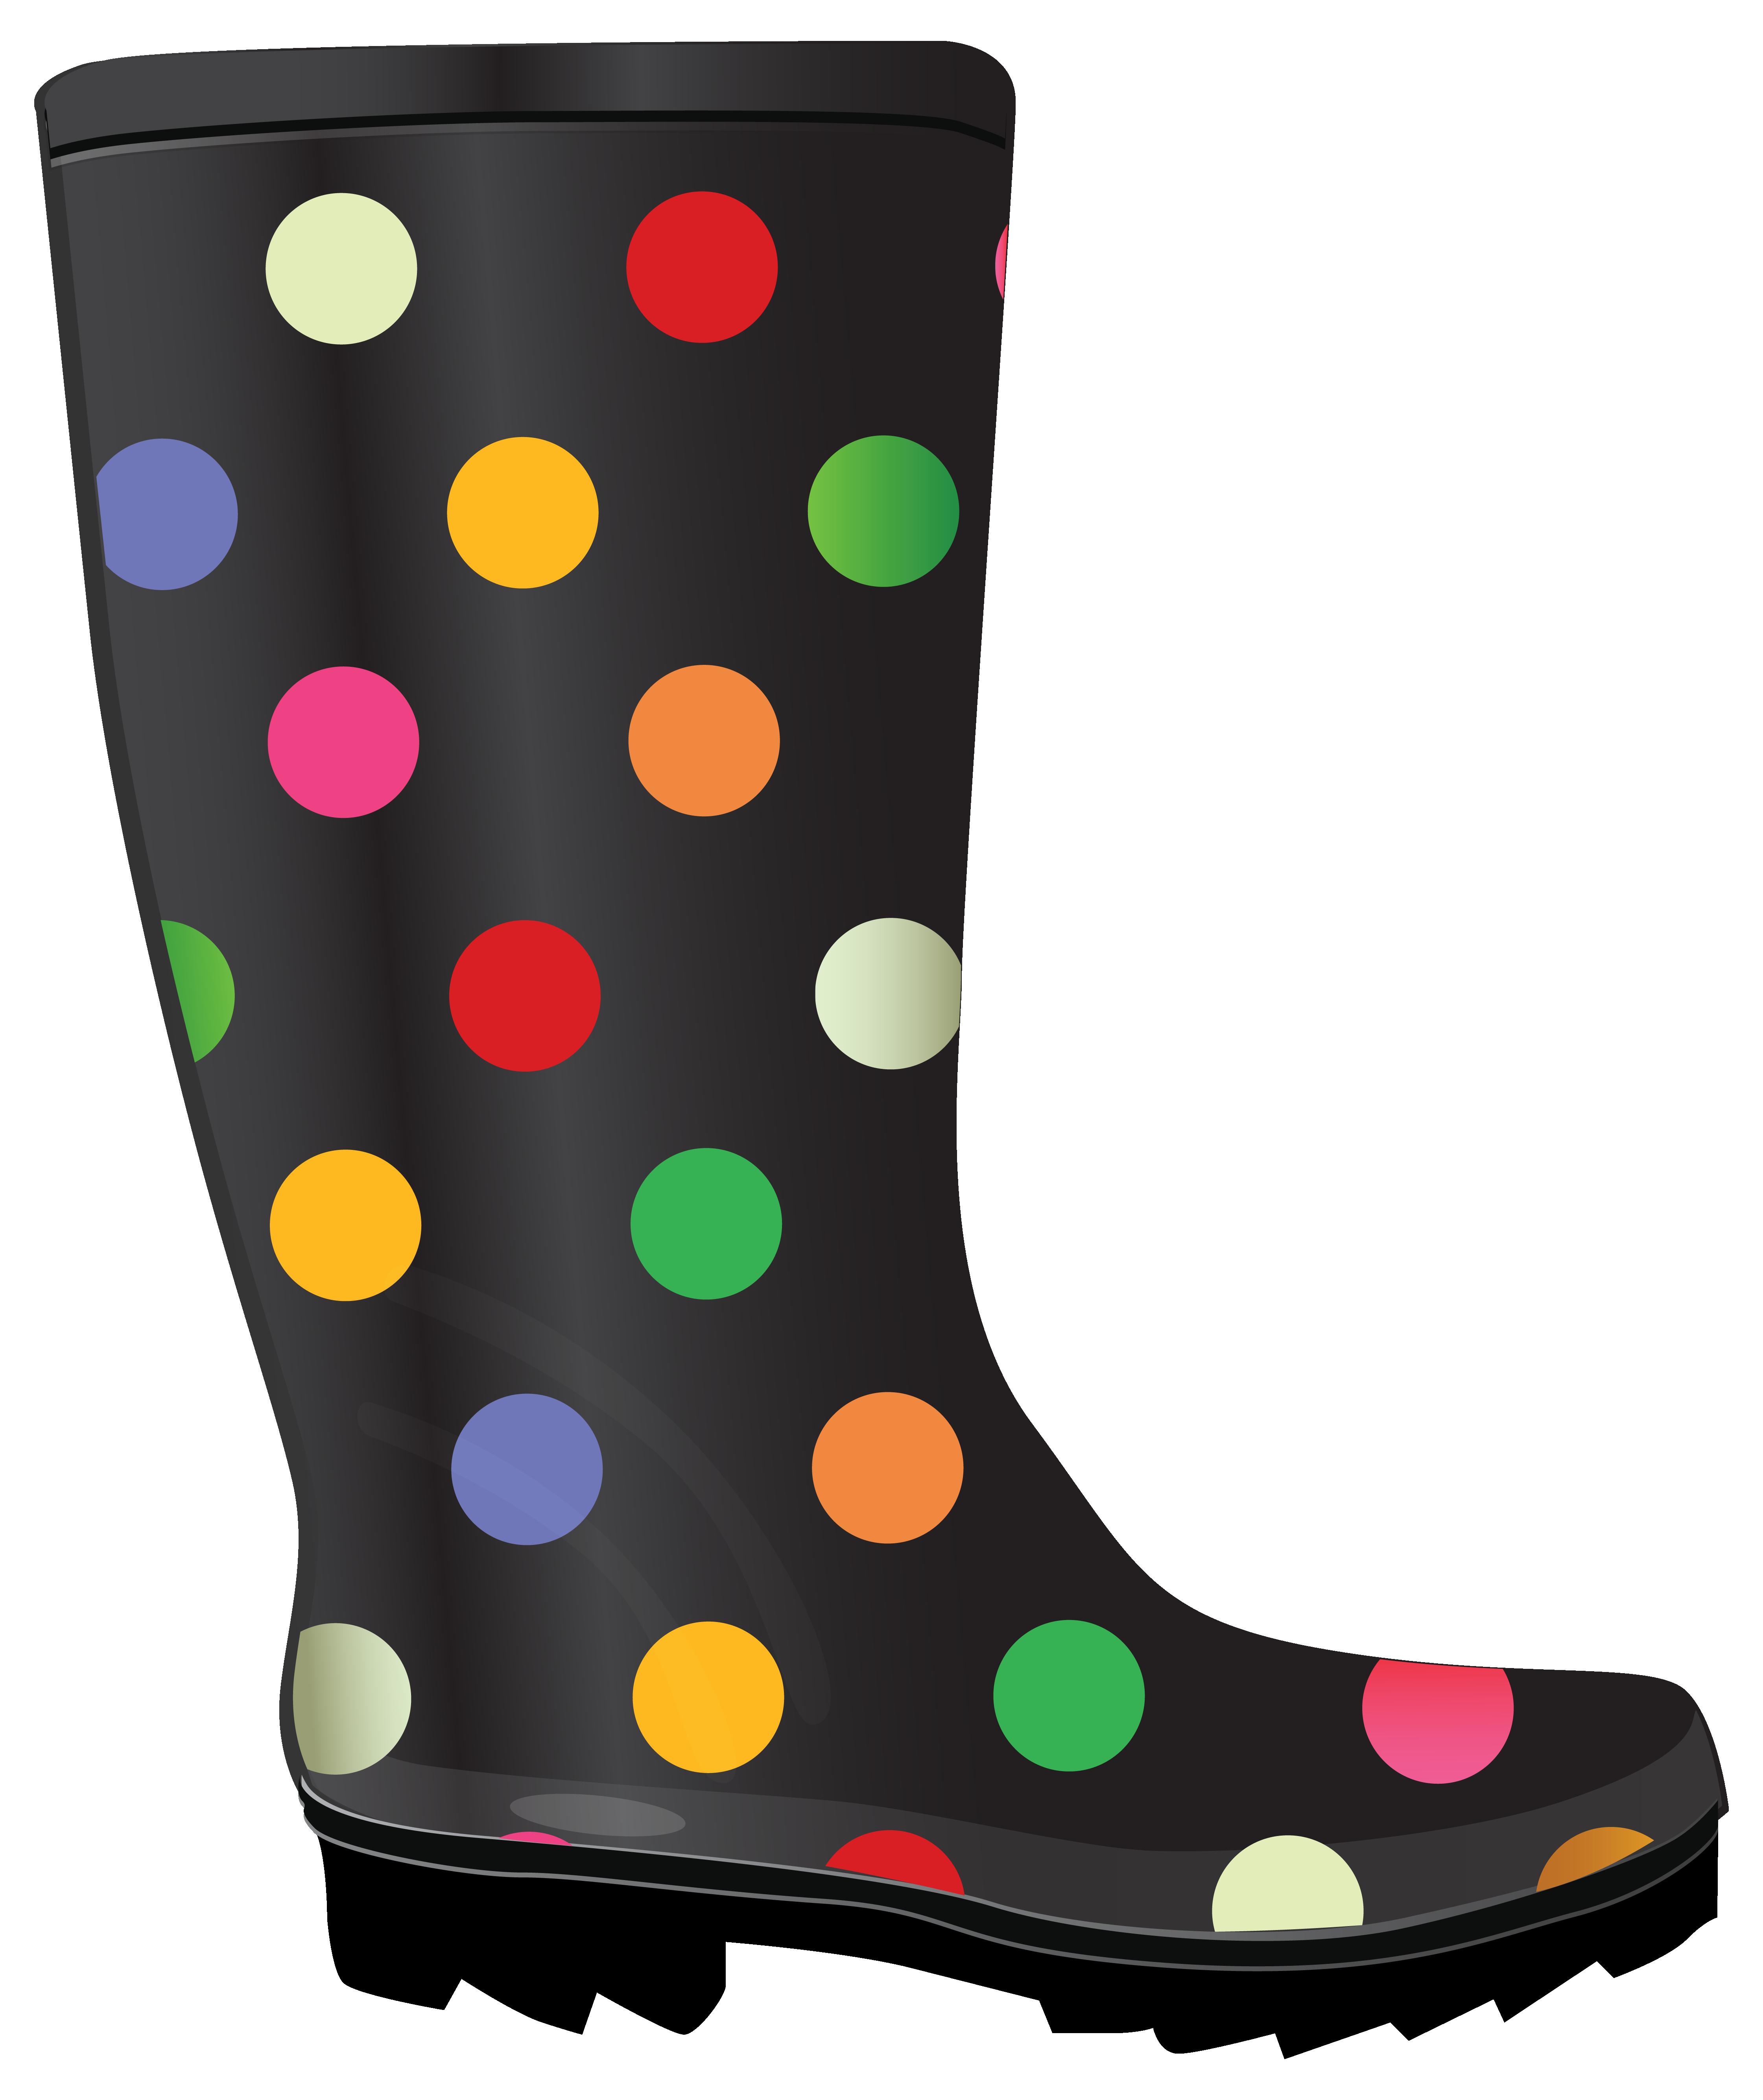 Boots Clip Art 77